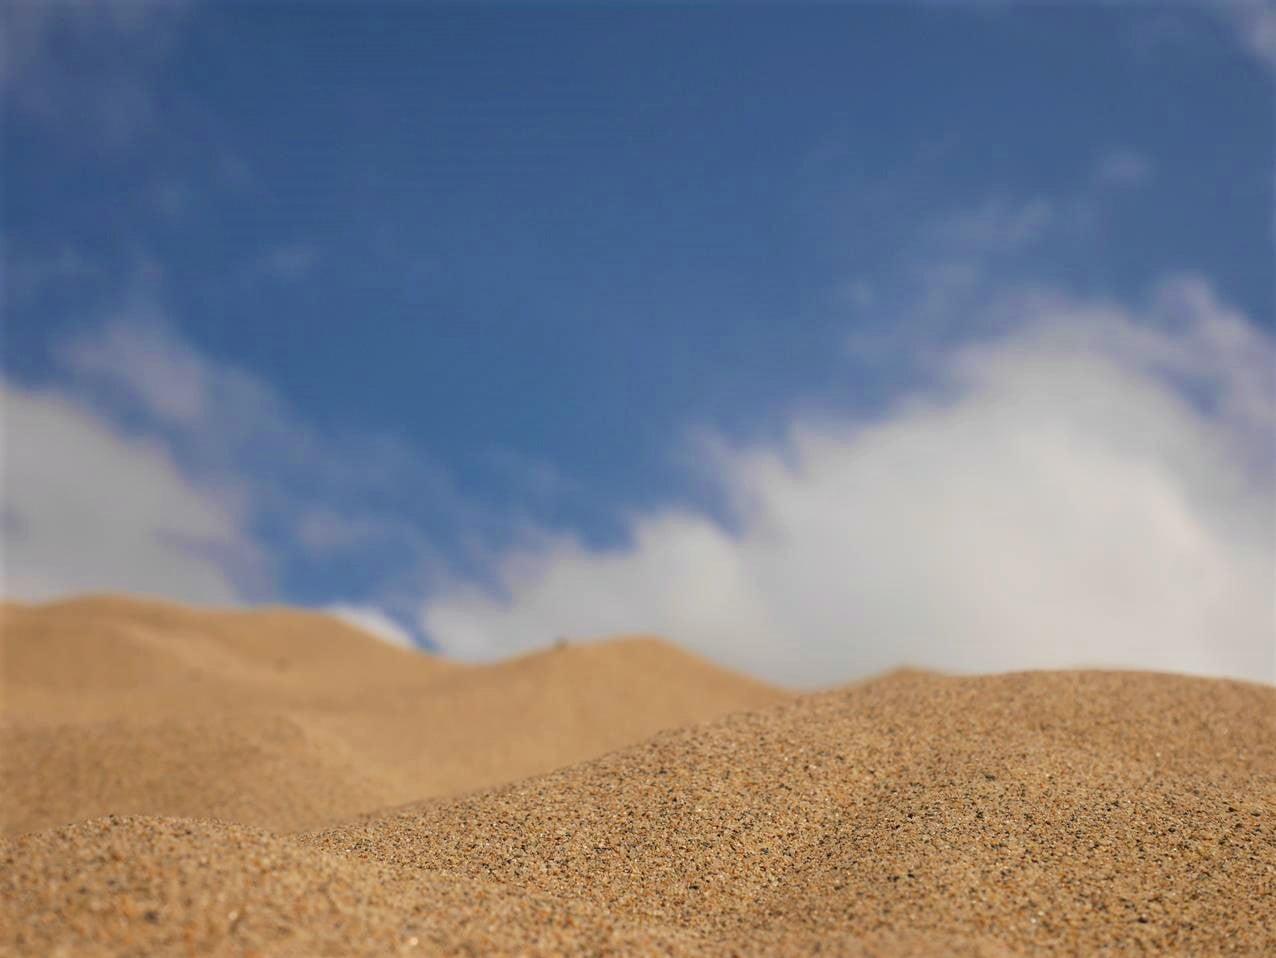 鳥取景點鳥取砂丘